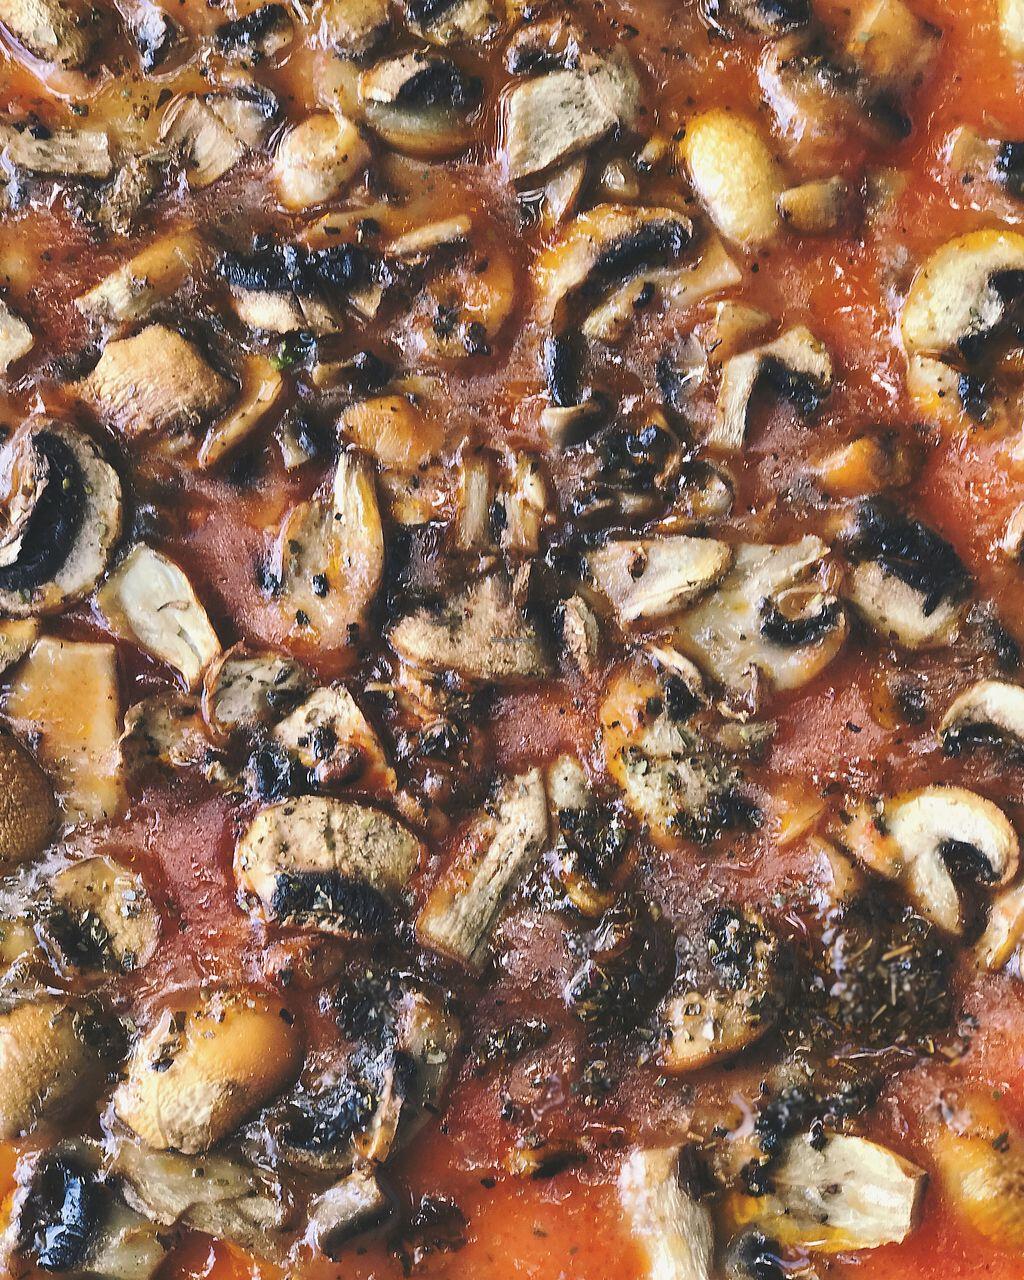 """Photo of Roma Ristorante Pizzeria  by <a href=""""/members/profile/Lilli_Boheme"""">Lilli_Boheme</a> <br/>Pizza Funghi <br/> March 31, 2018  - <a href='/contact/abuse/image/85367/378817'>Report</a>"""